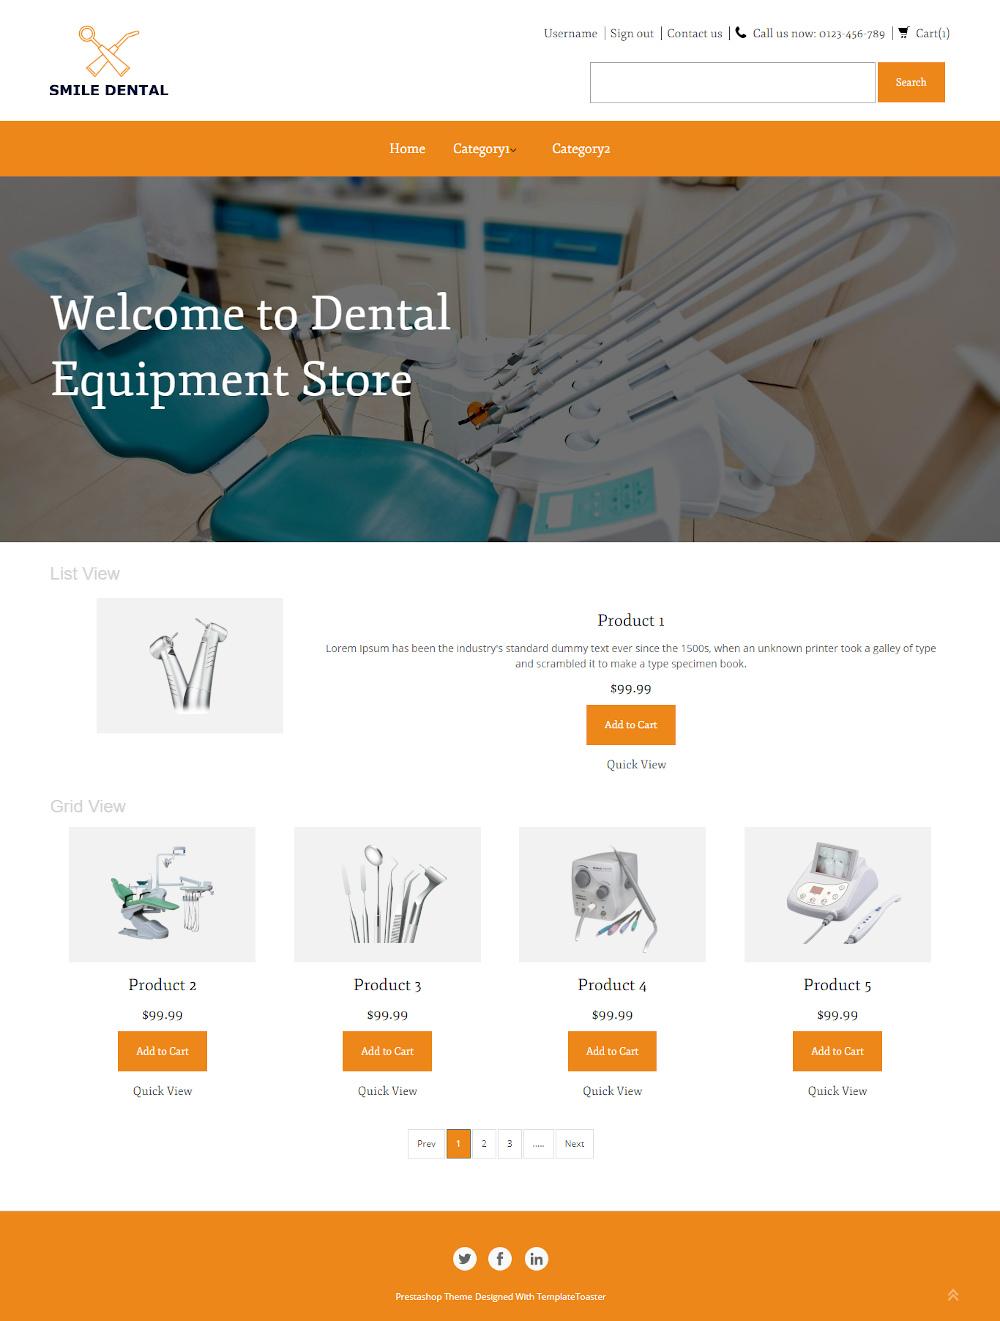 Smile Dental - Online Dental Equipment Store PrestaShop